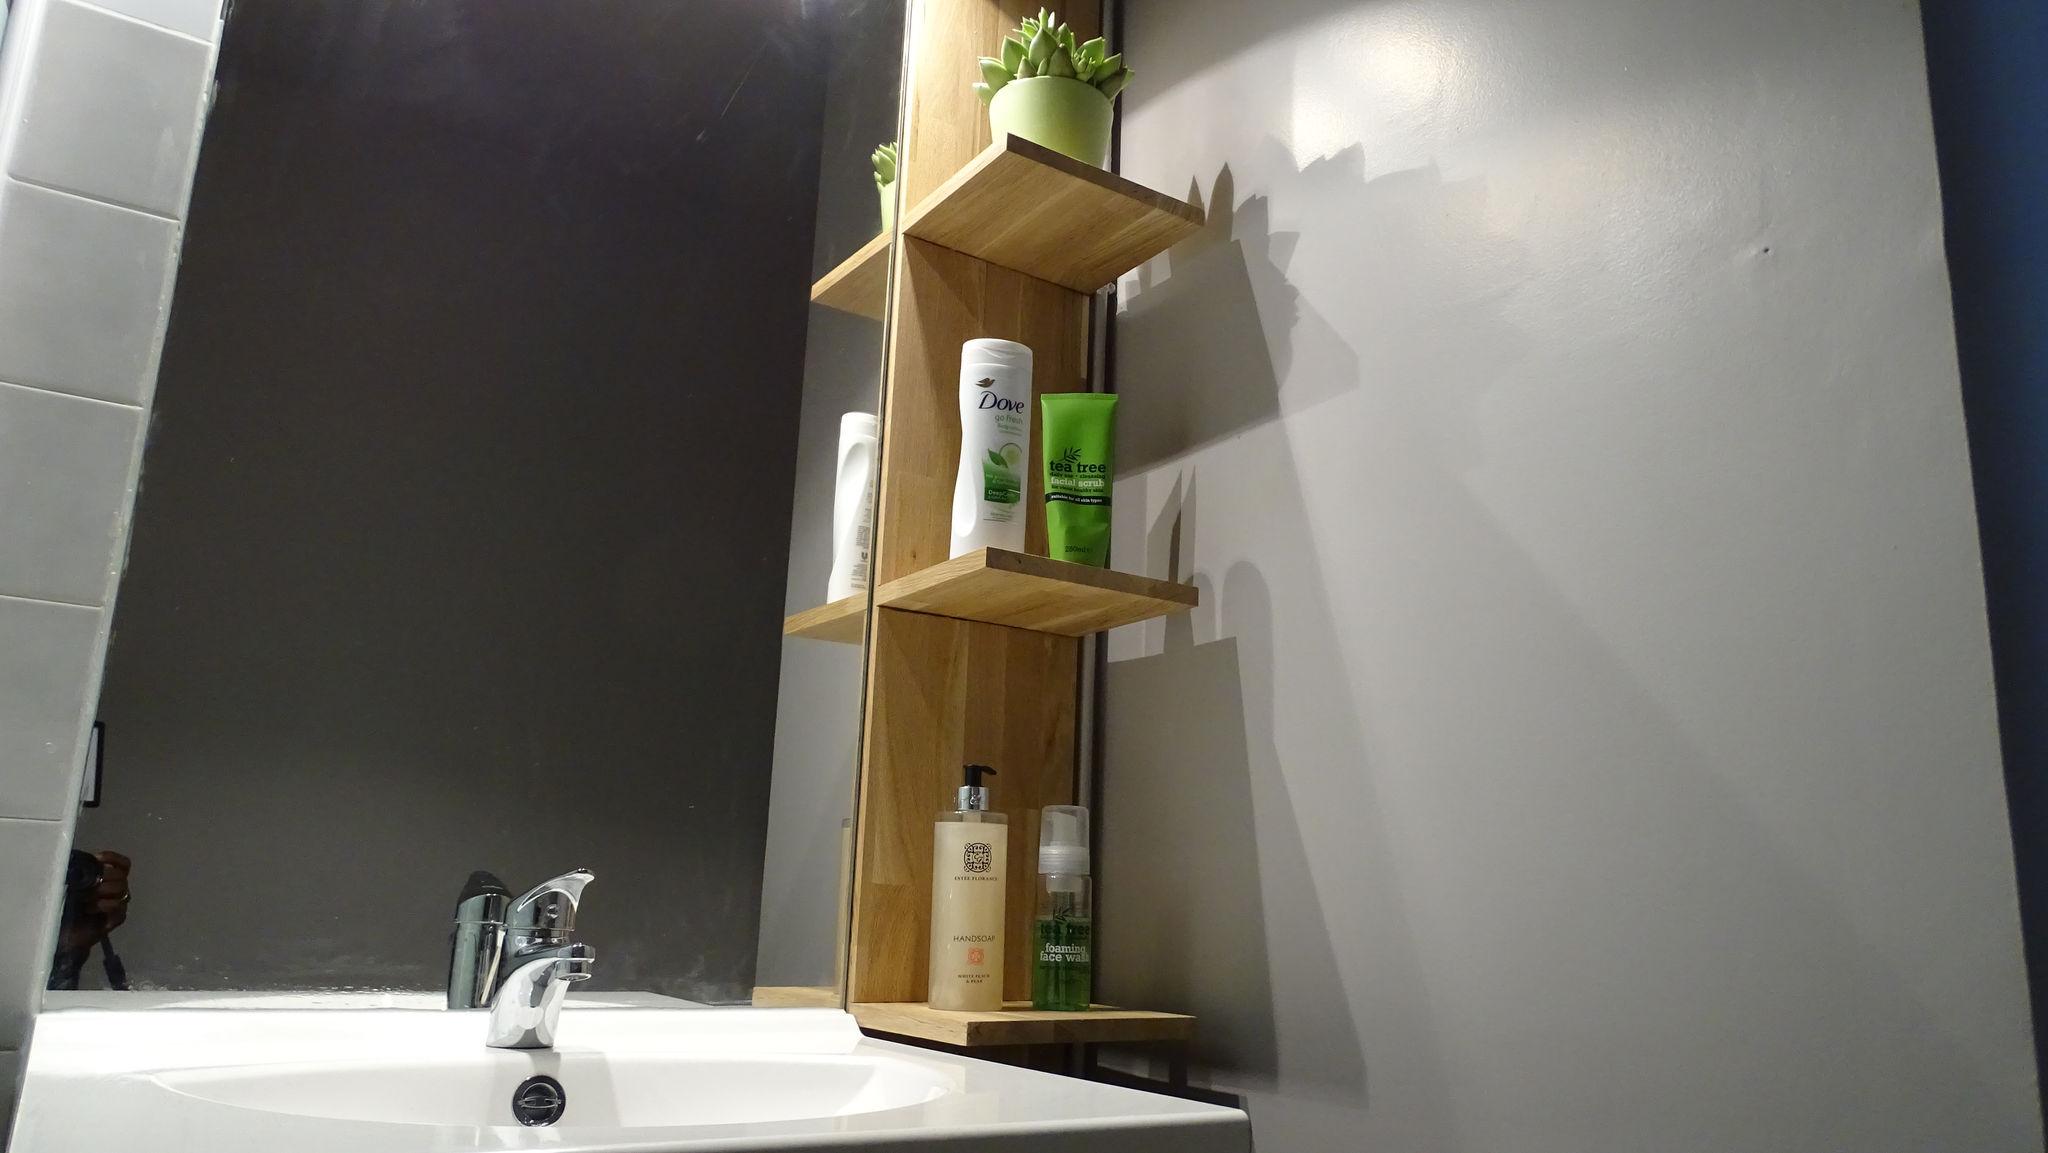 Mensole Bagno Fai Da Te : Cambia il design del tuo bagno con una mensola fluttuante fai da te